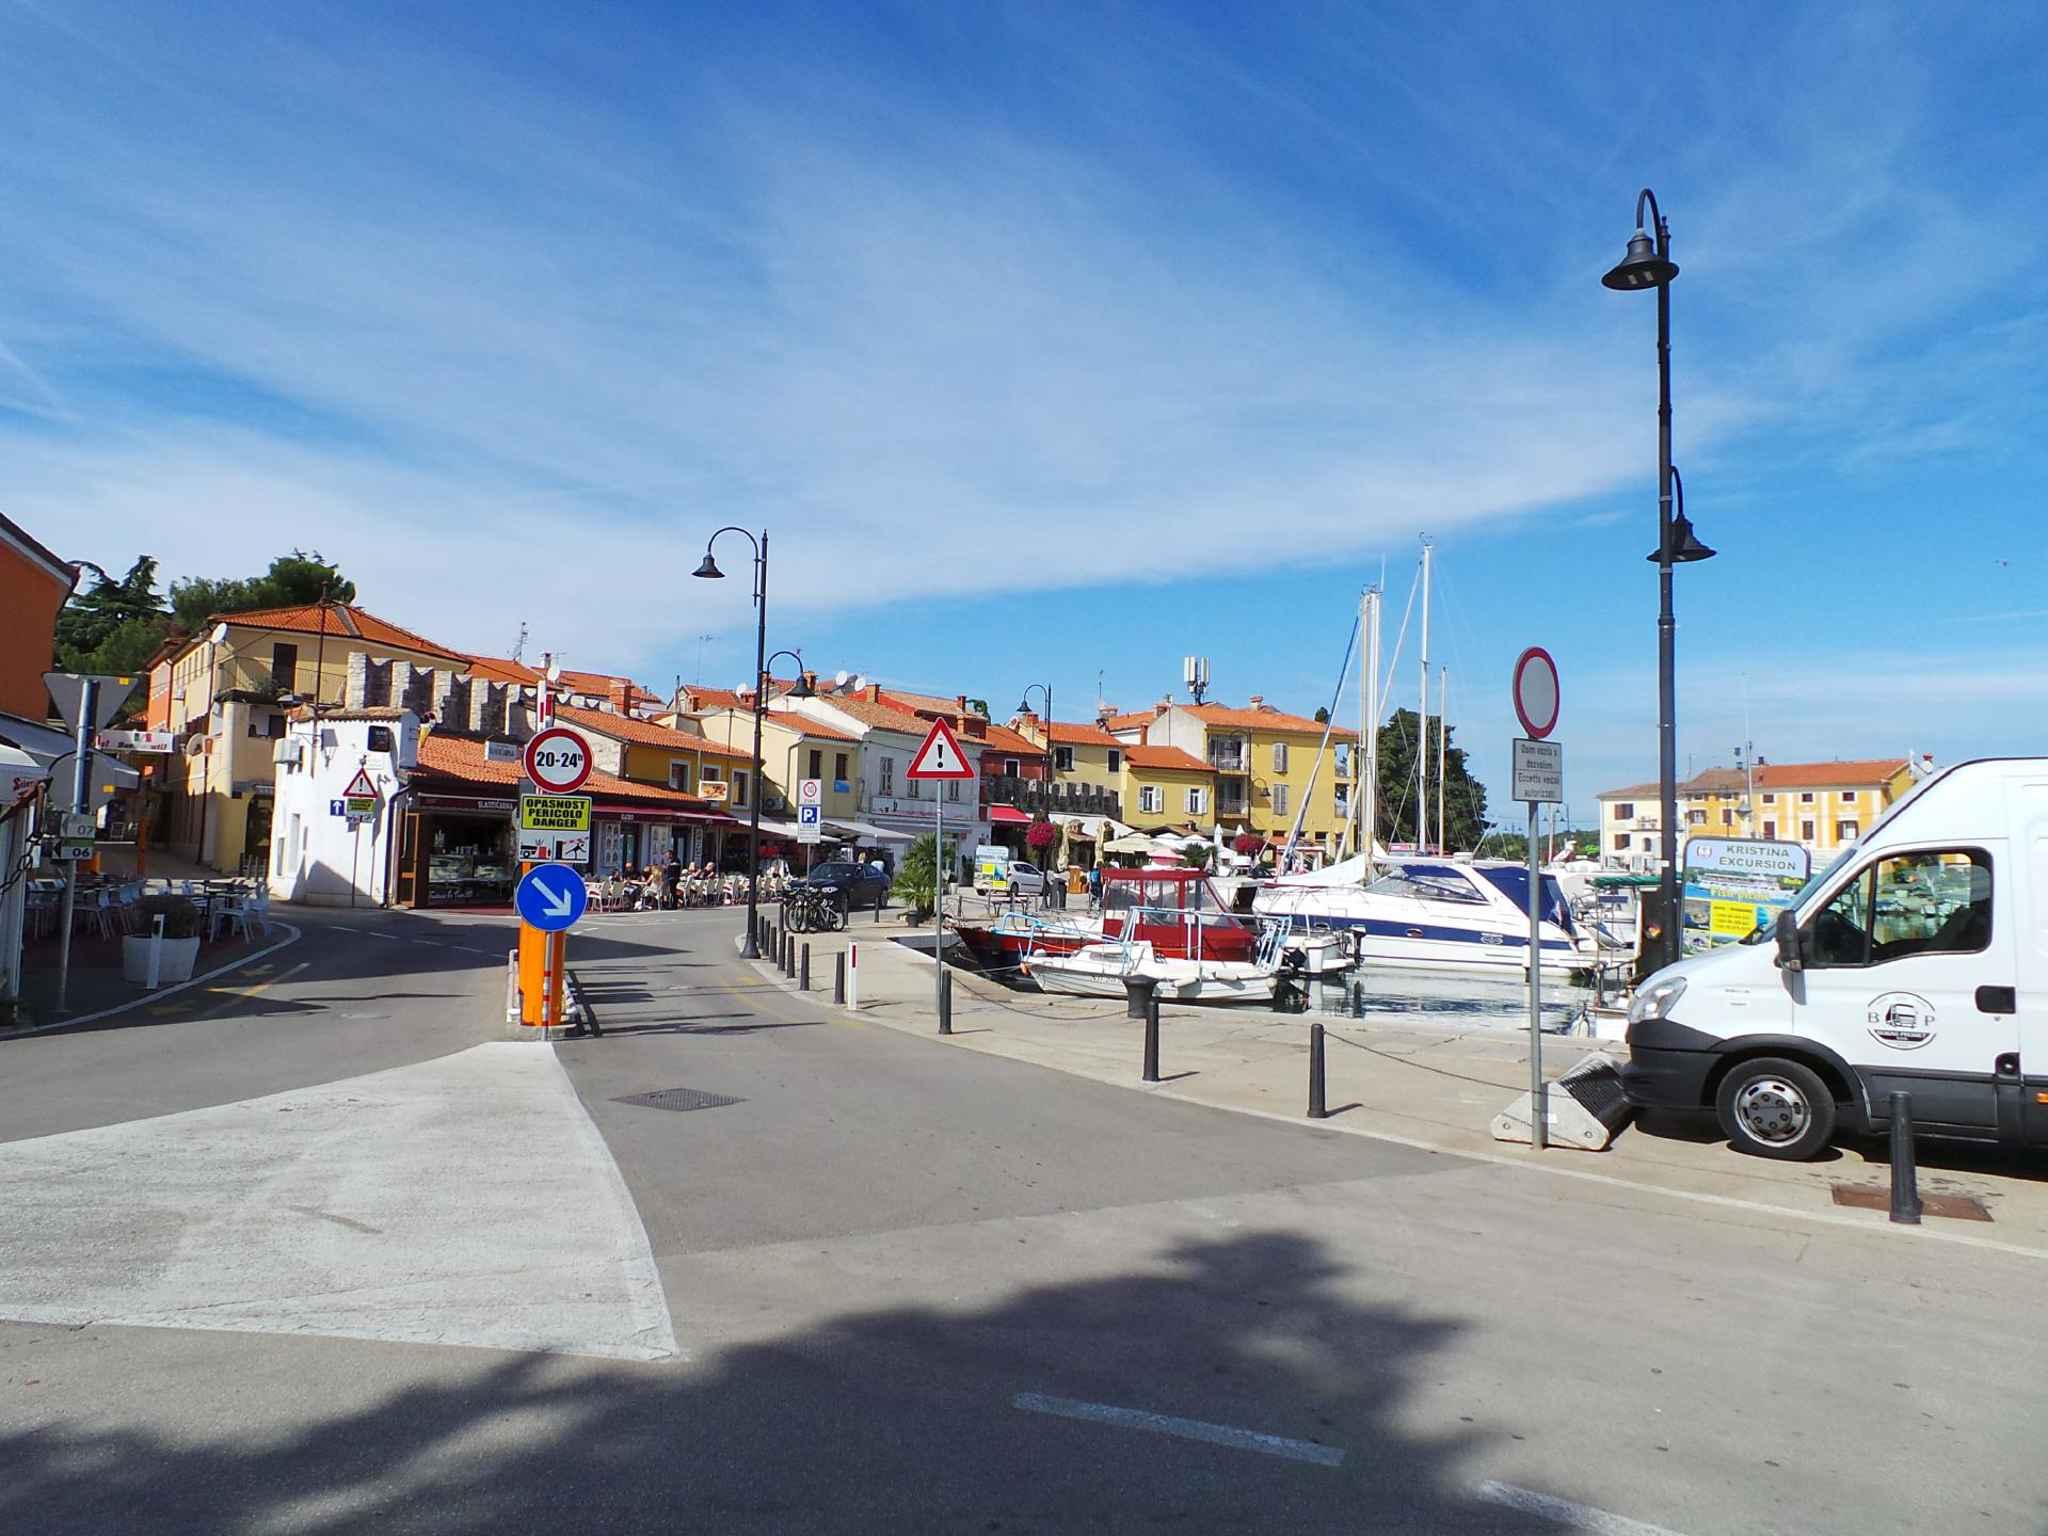 Ferienwohnung mit Meerblick (278910), Zadar, , Dalmatien, Kroatien, Bild 32